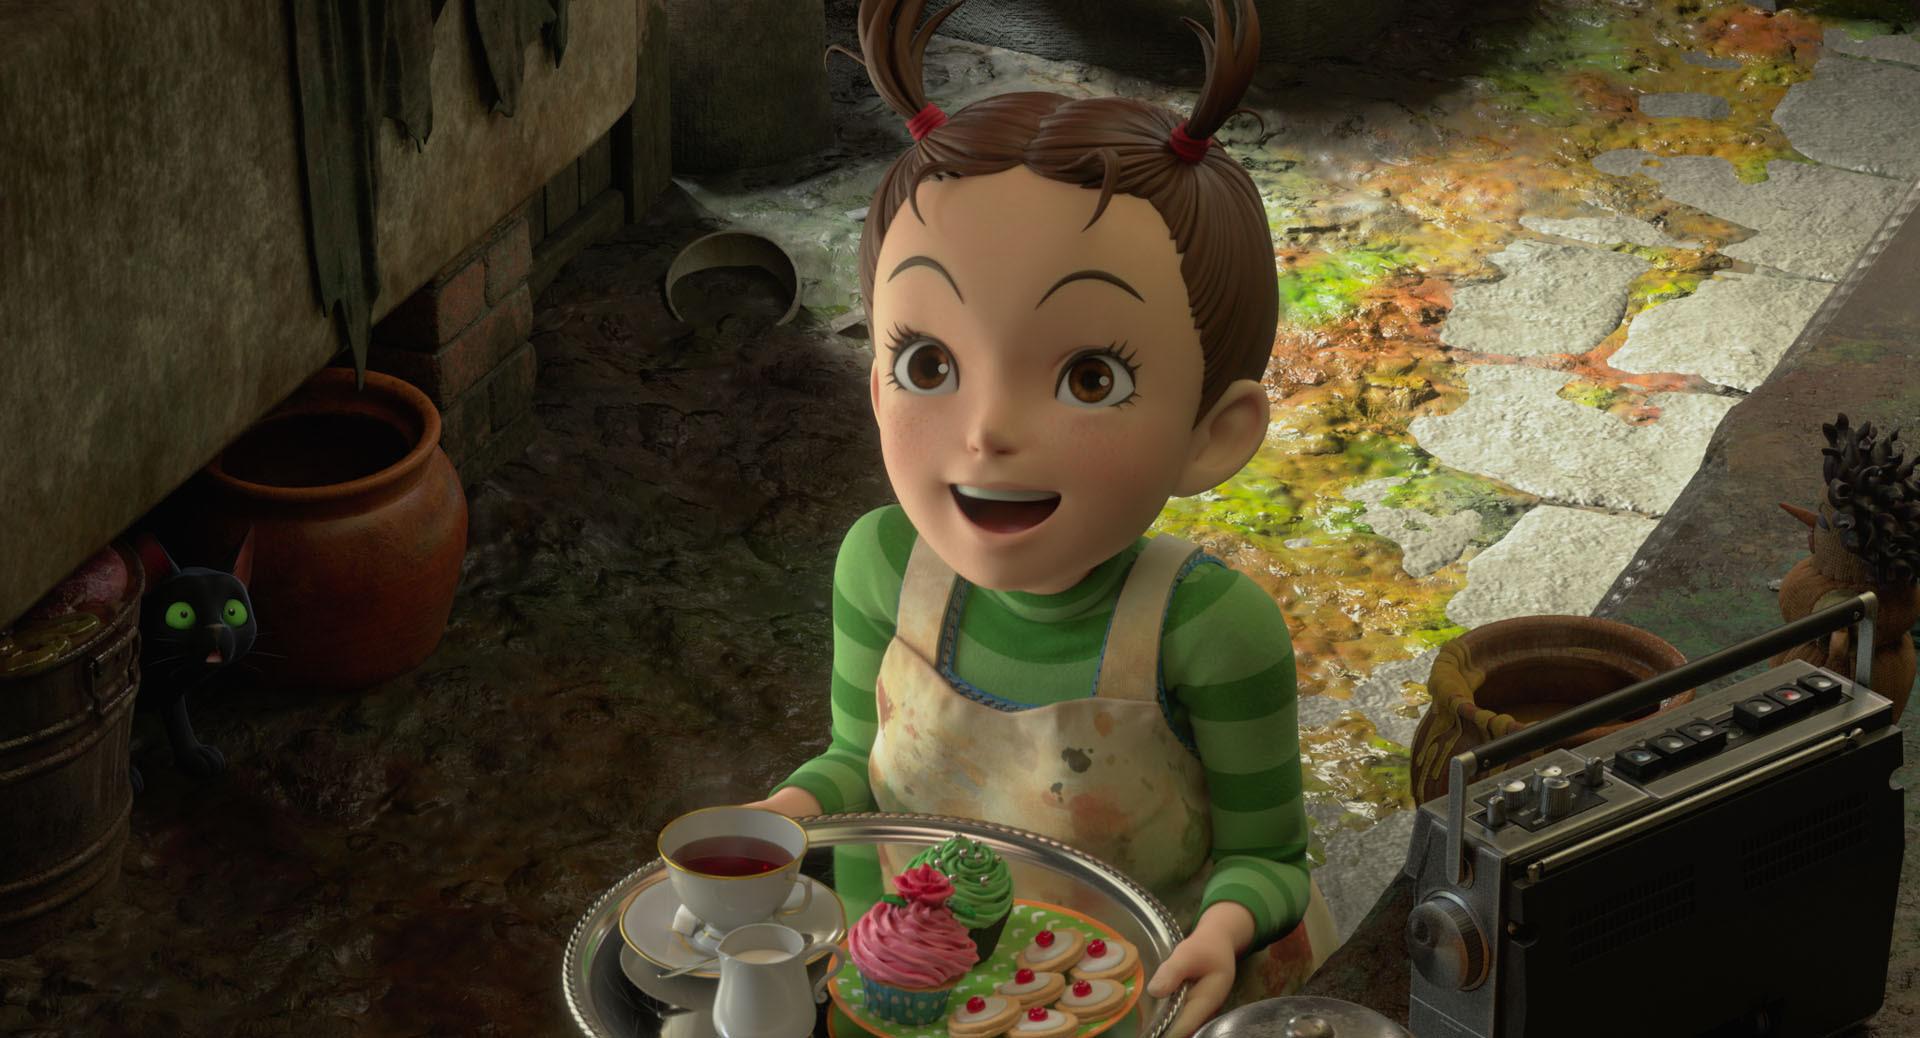 Earwig y la Bruja: Vértigo estrenará en 2021 la película de Studio Ghibli